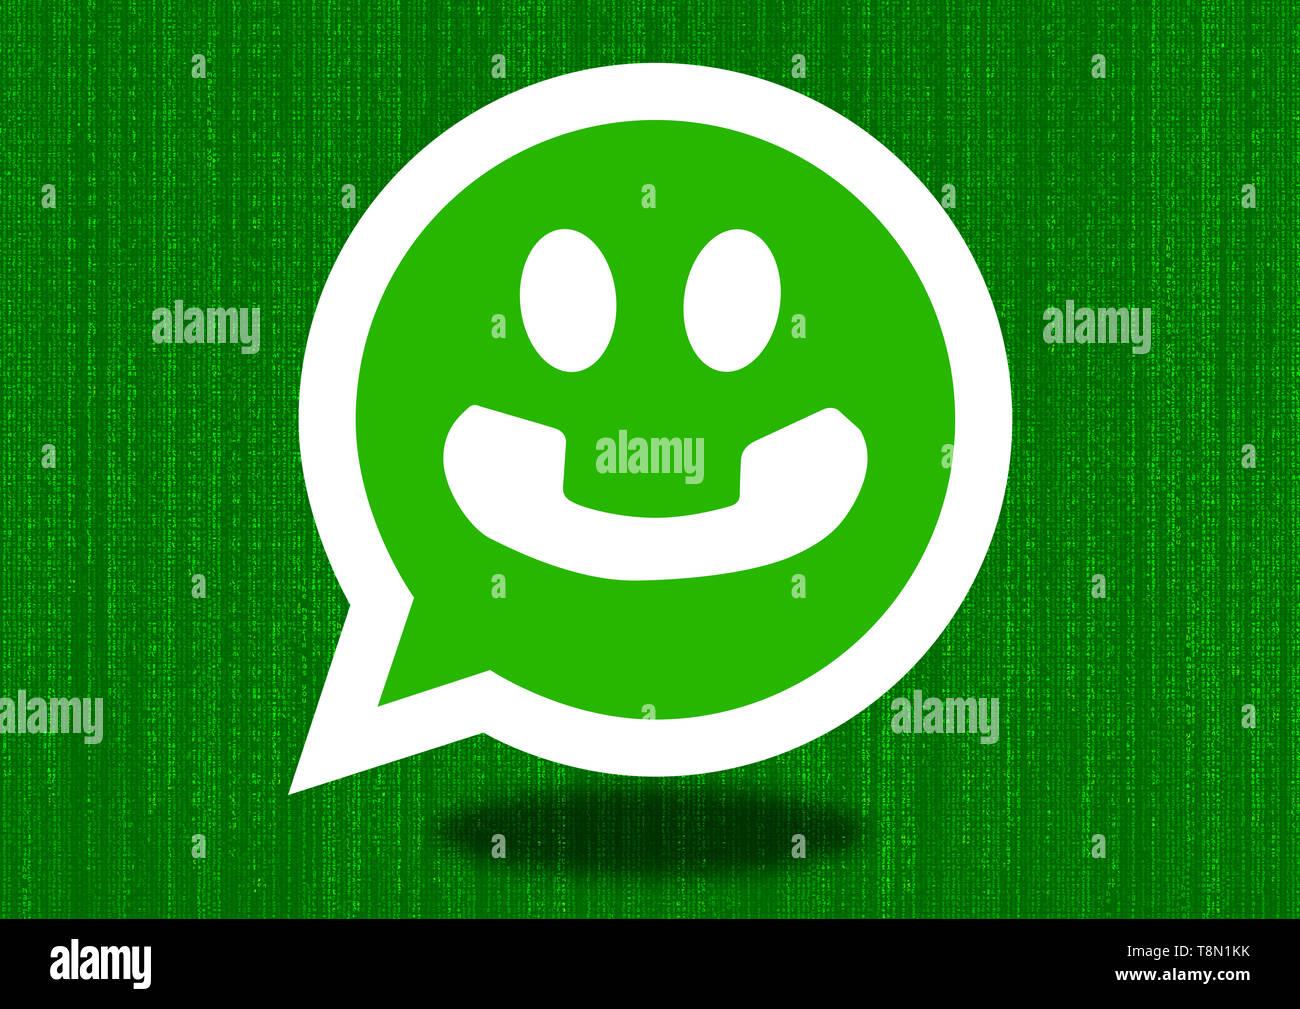 Whatsapp Smiley Face emoji - comunicación ilustración Imagen De Stock